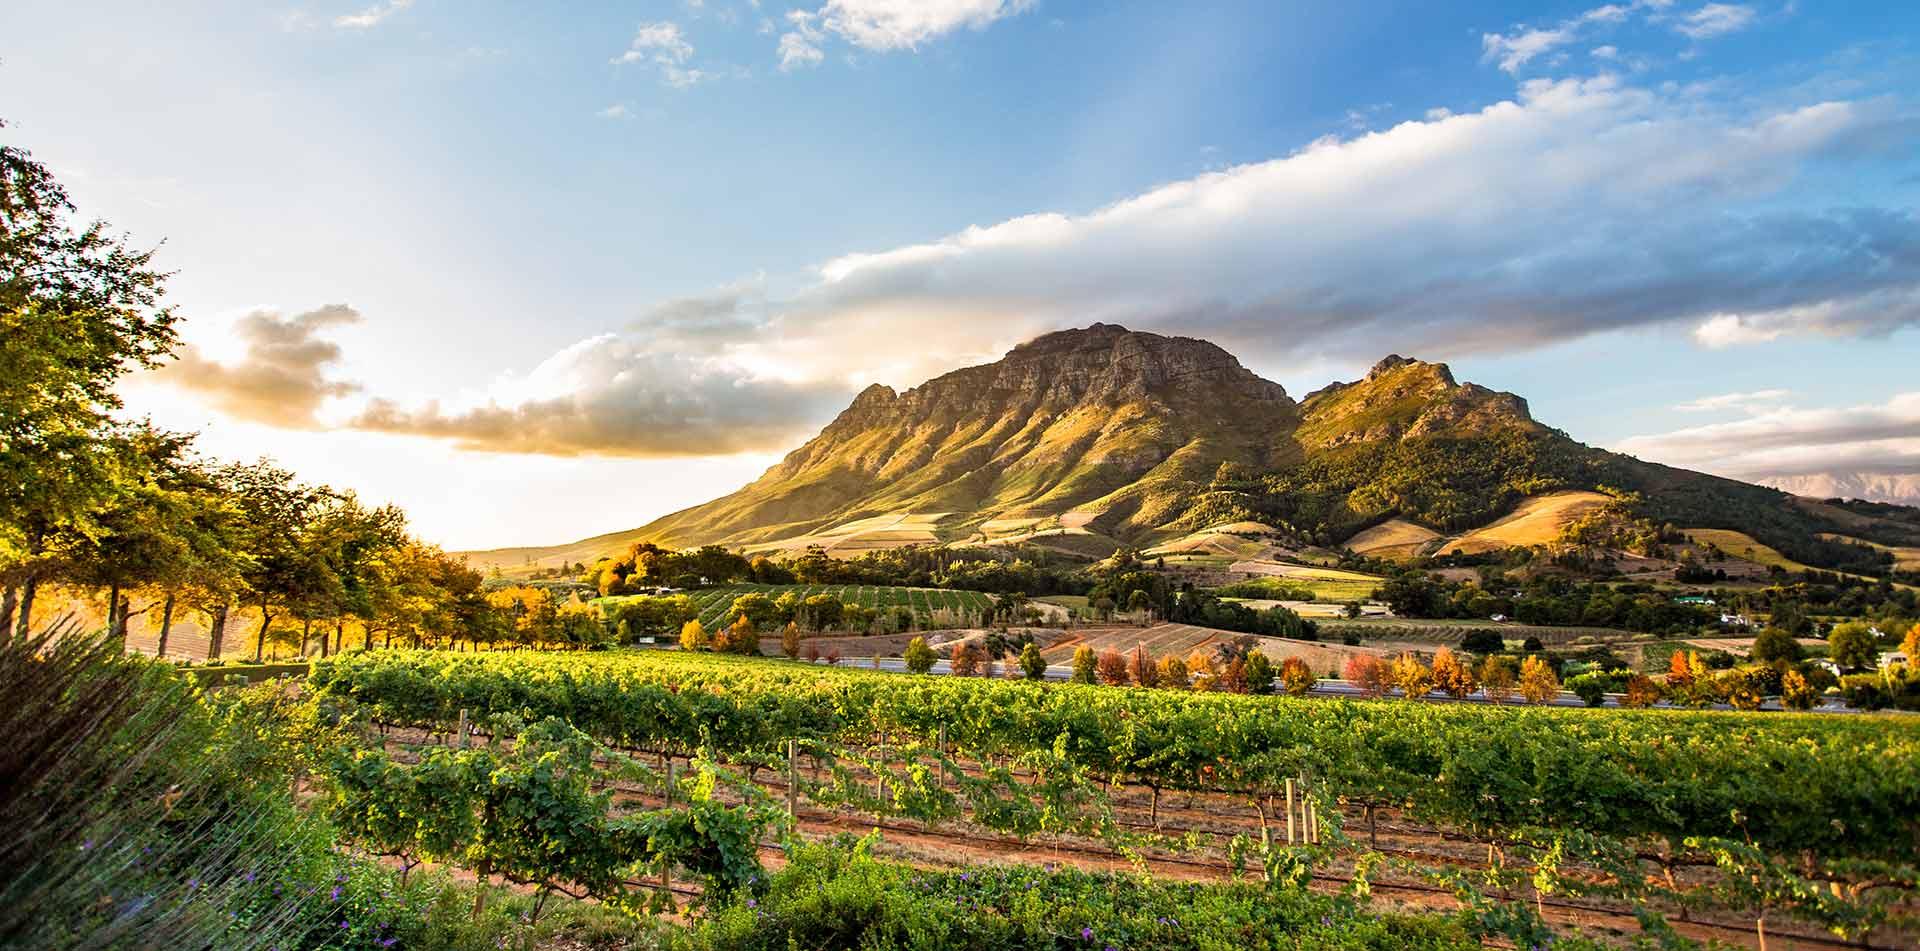 Wine Region at Sunset in Stellenbosch, South Africa